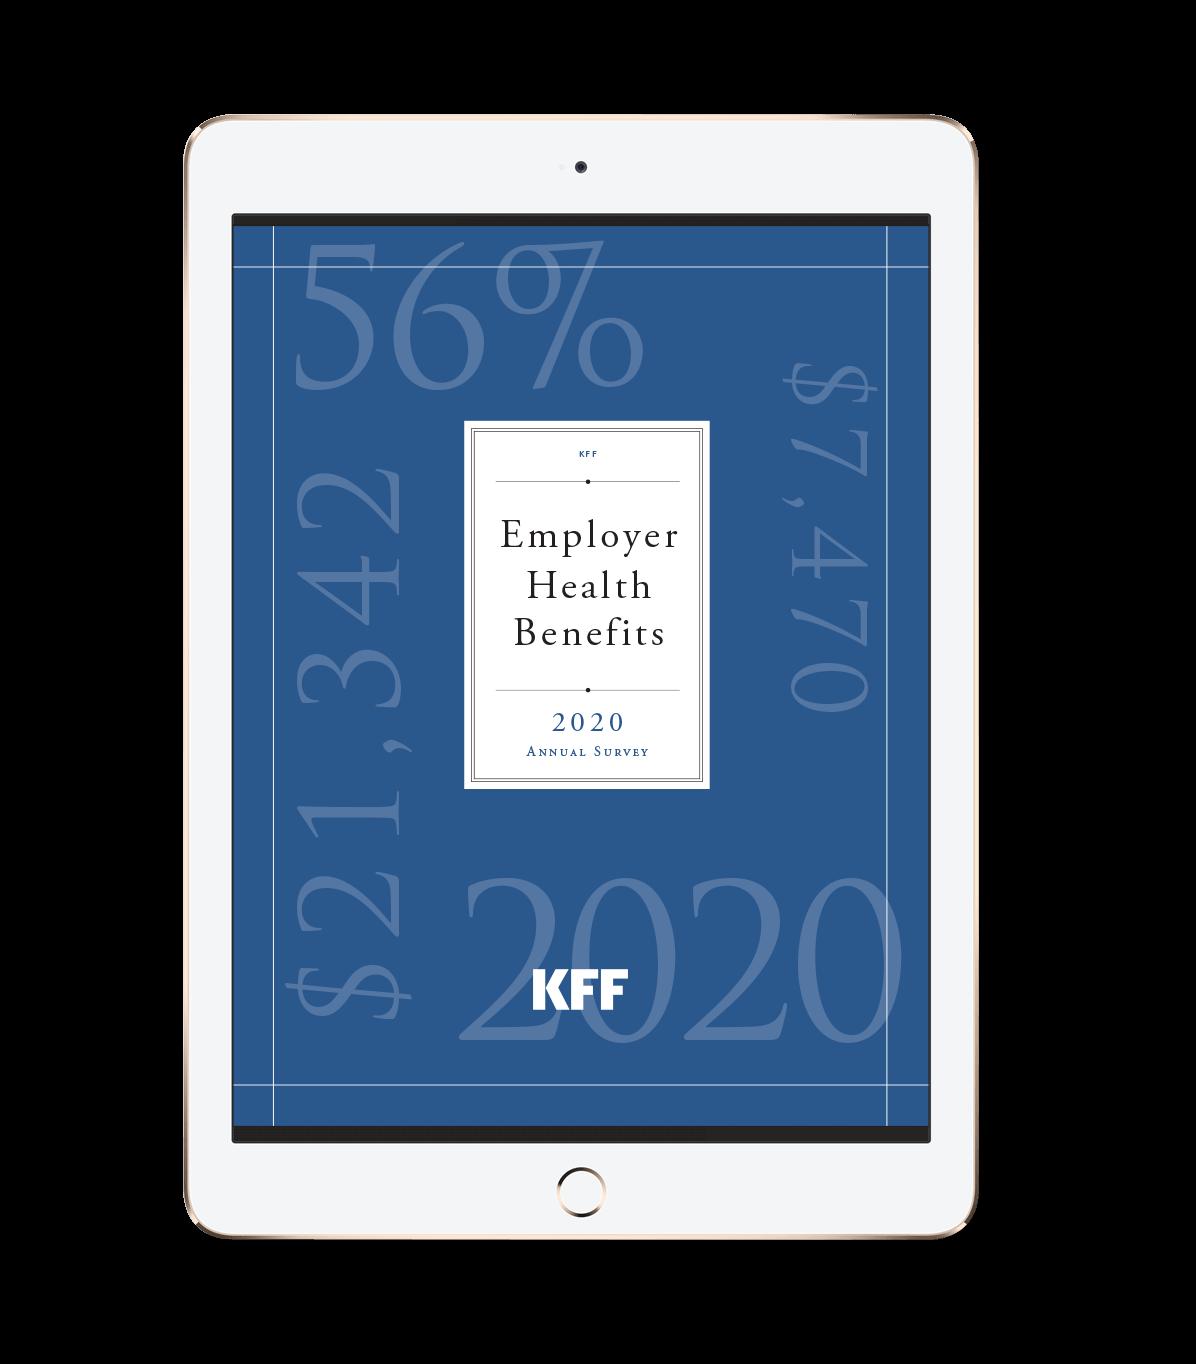 KFF Report